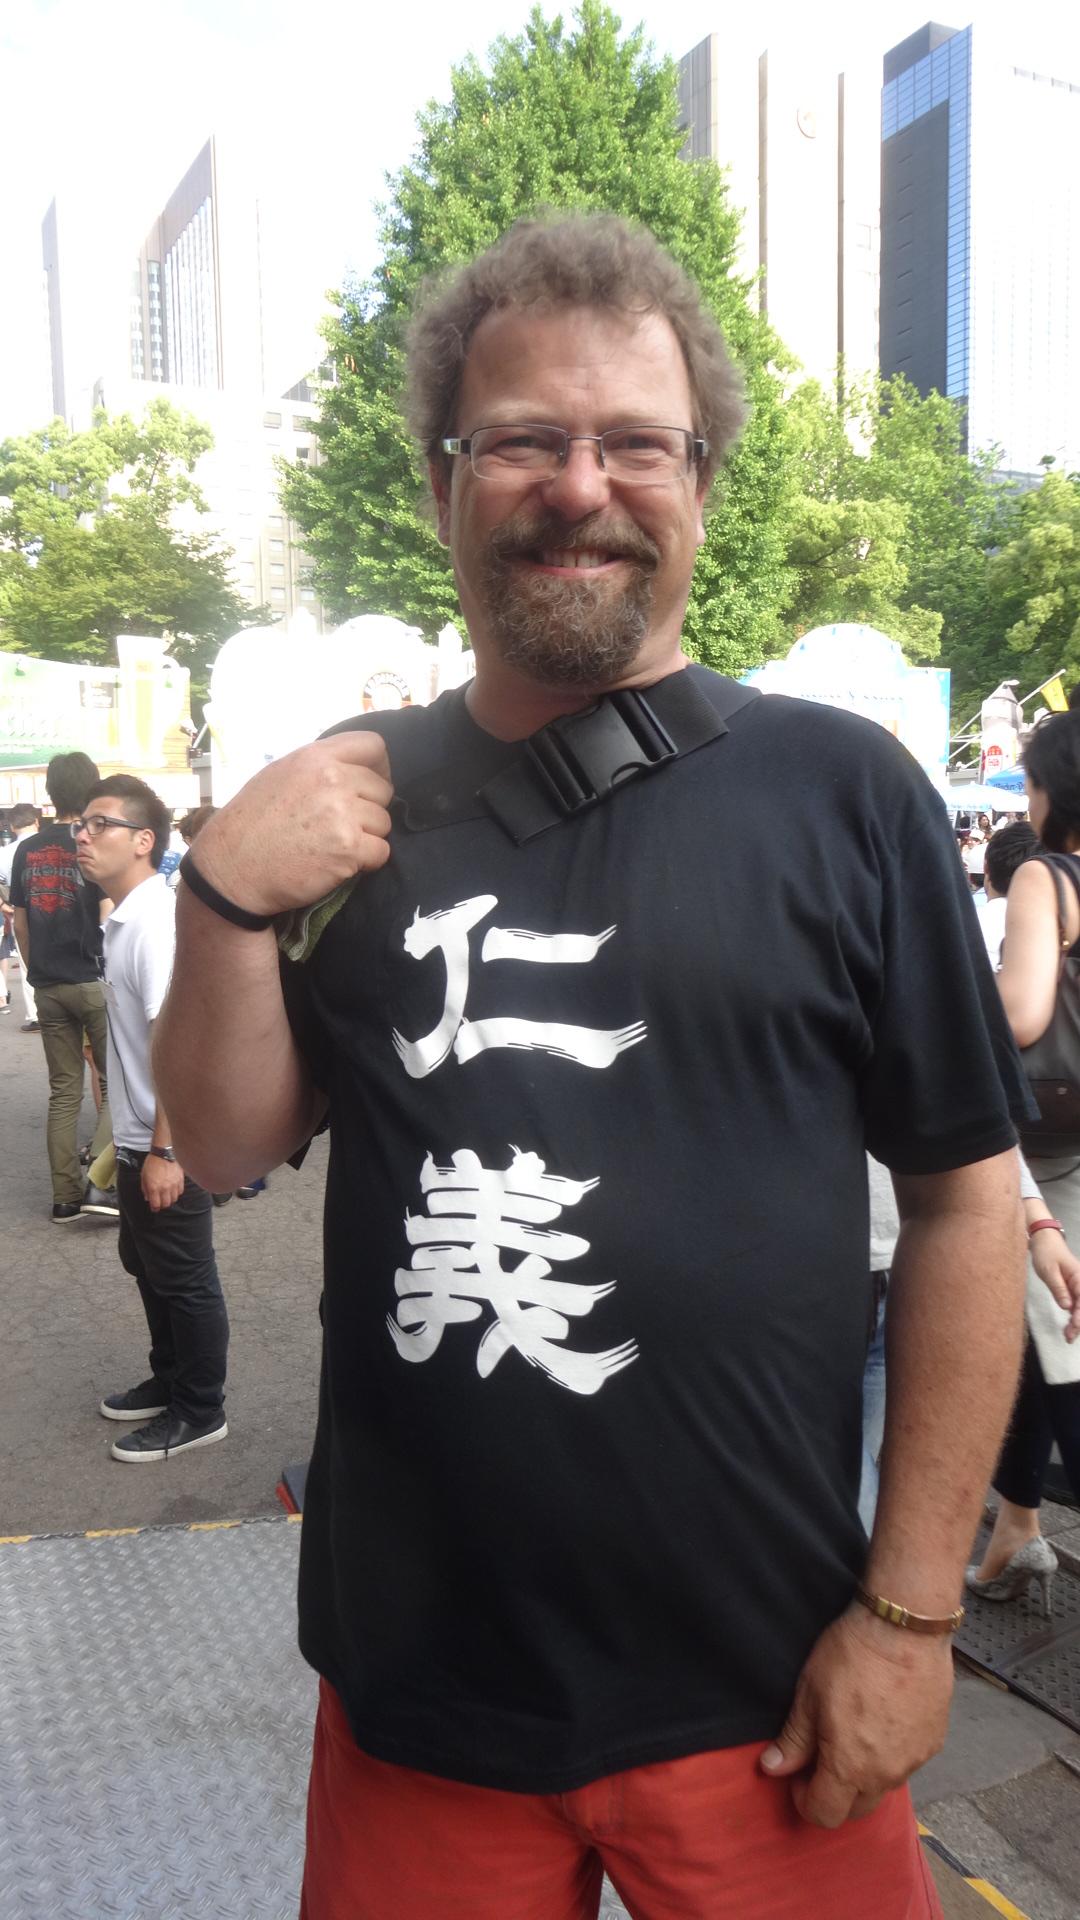 仁義と書かれたTシャツを着たアメリカ人